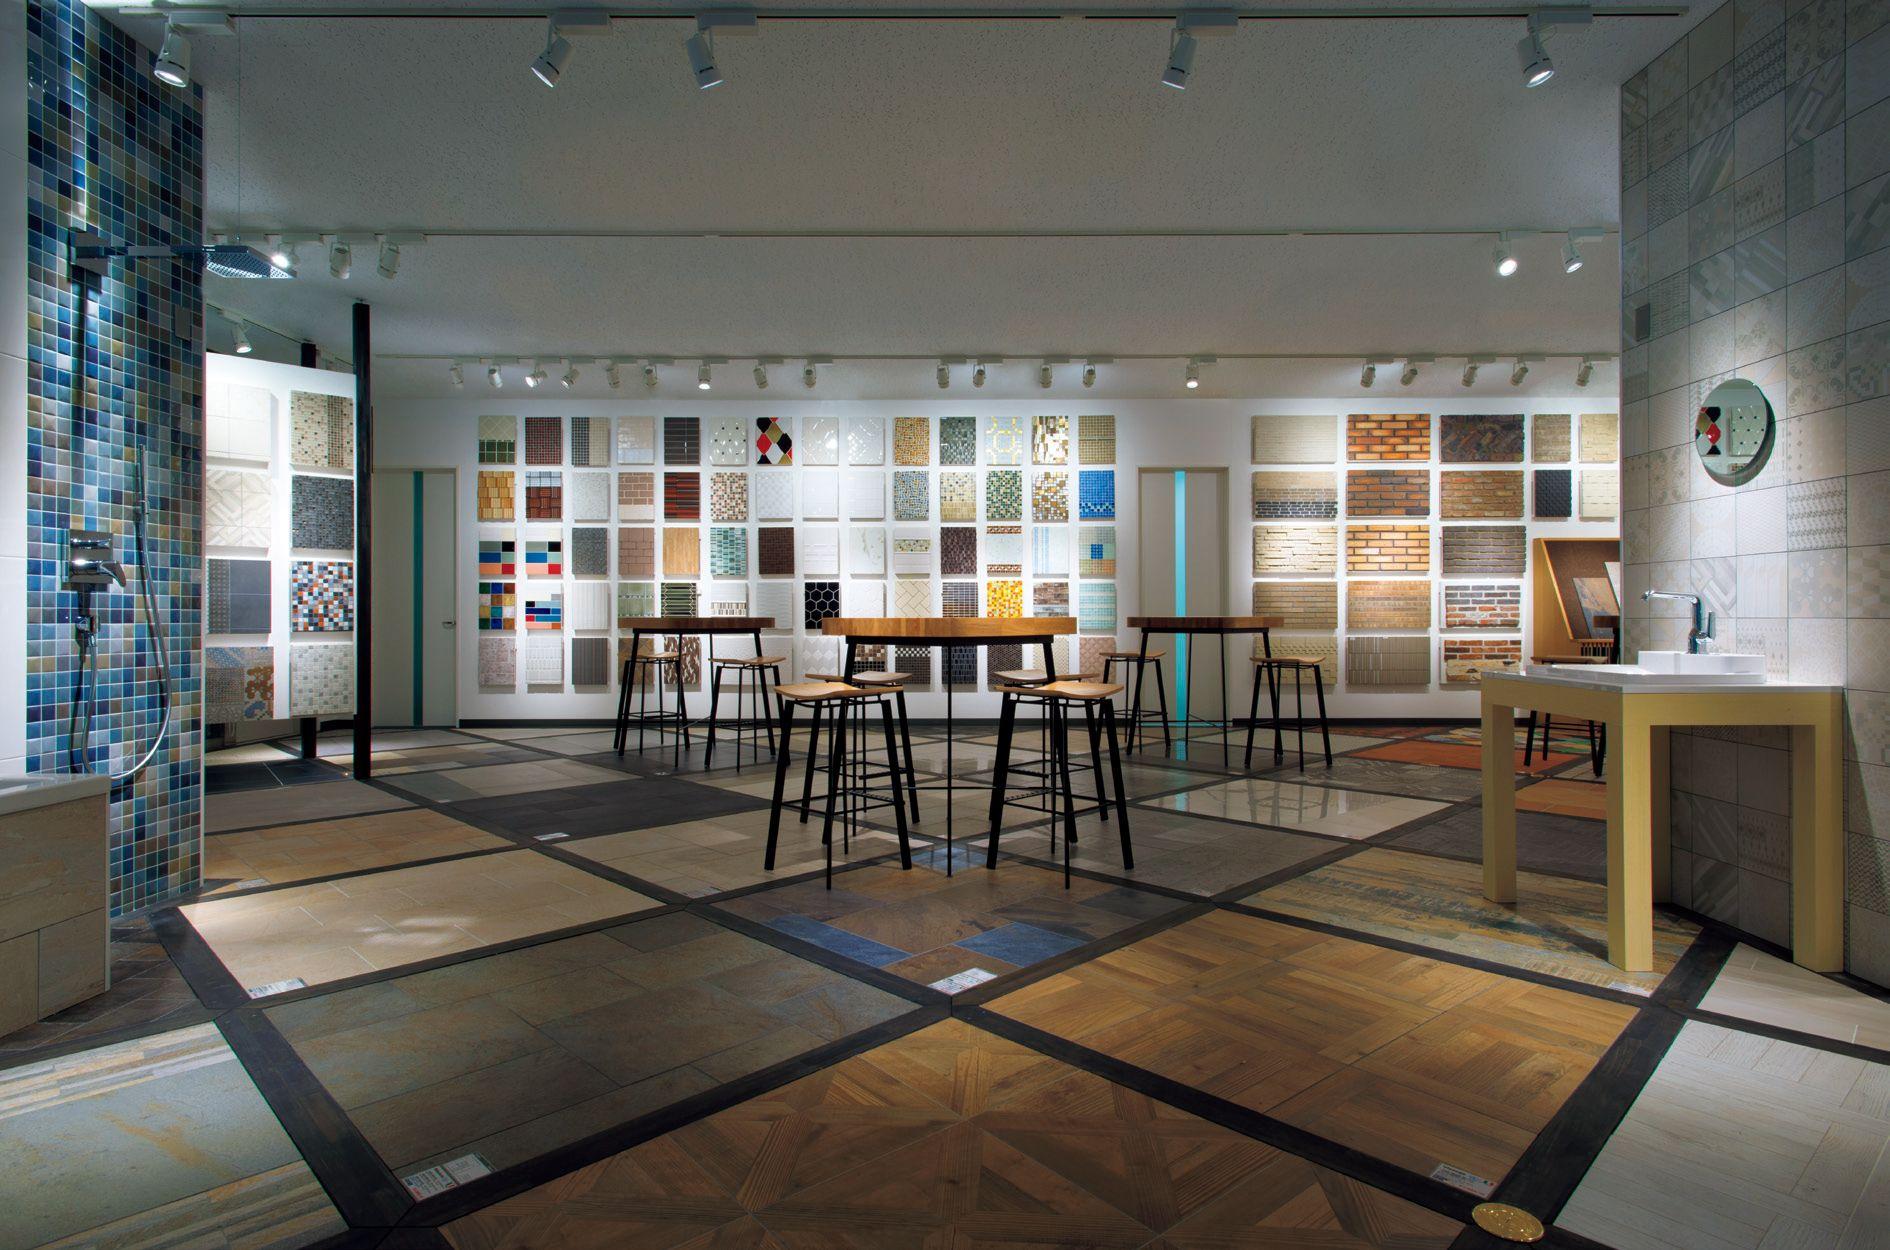 壁材で部屋の印象がすべて決まる!色柄の確認を必須に【ショールーム対決】 画像